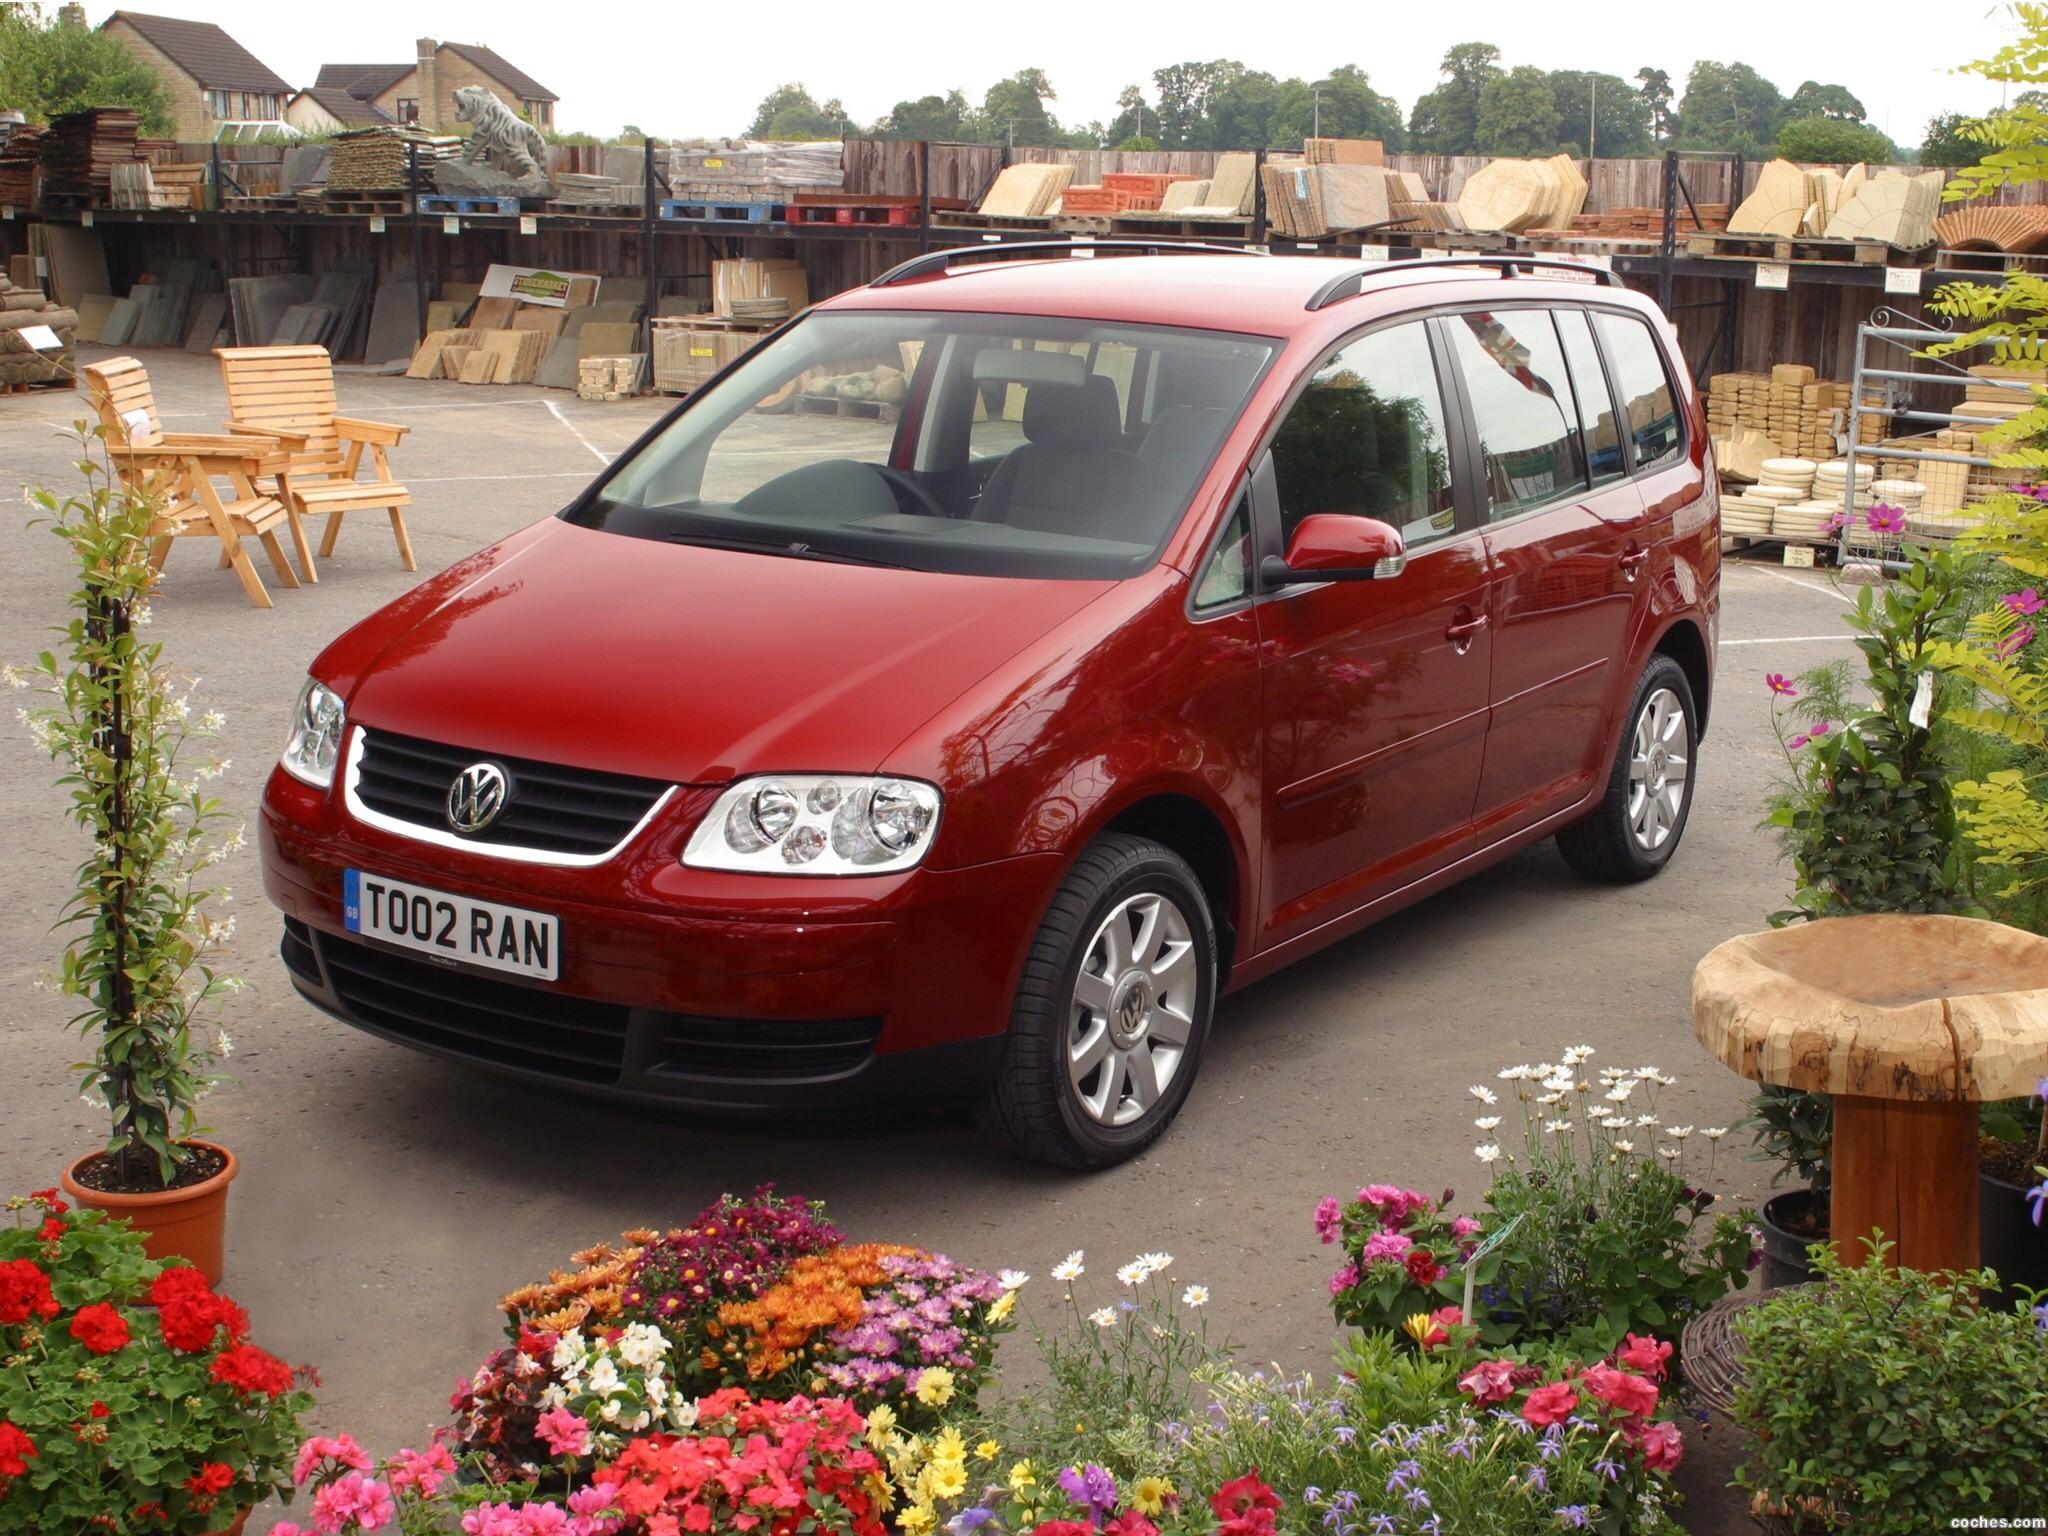 Foto 0 de Volkswagen Touran 2003